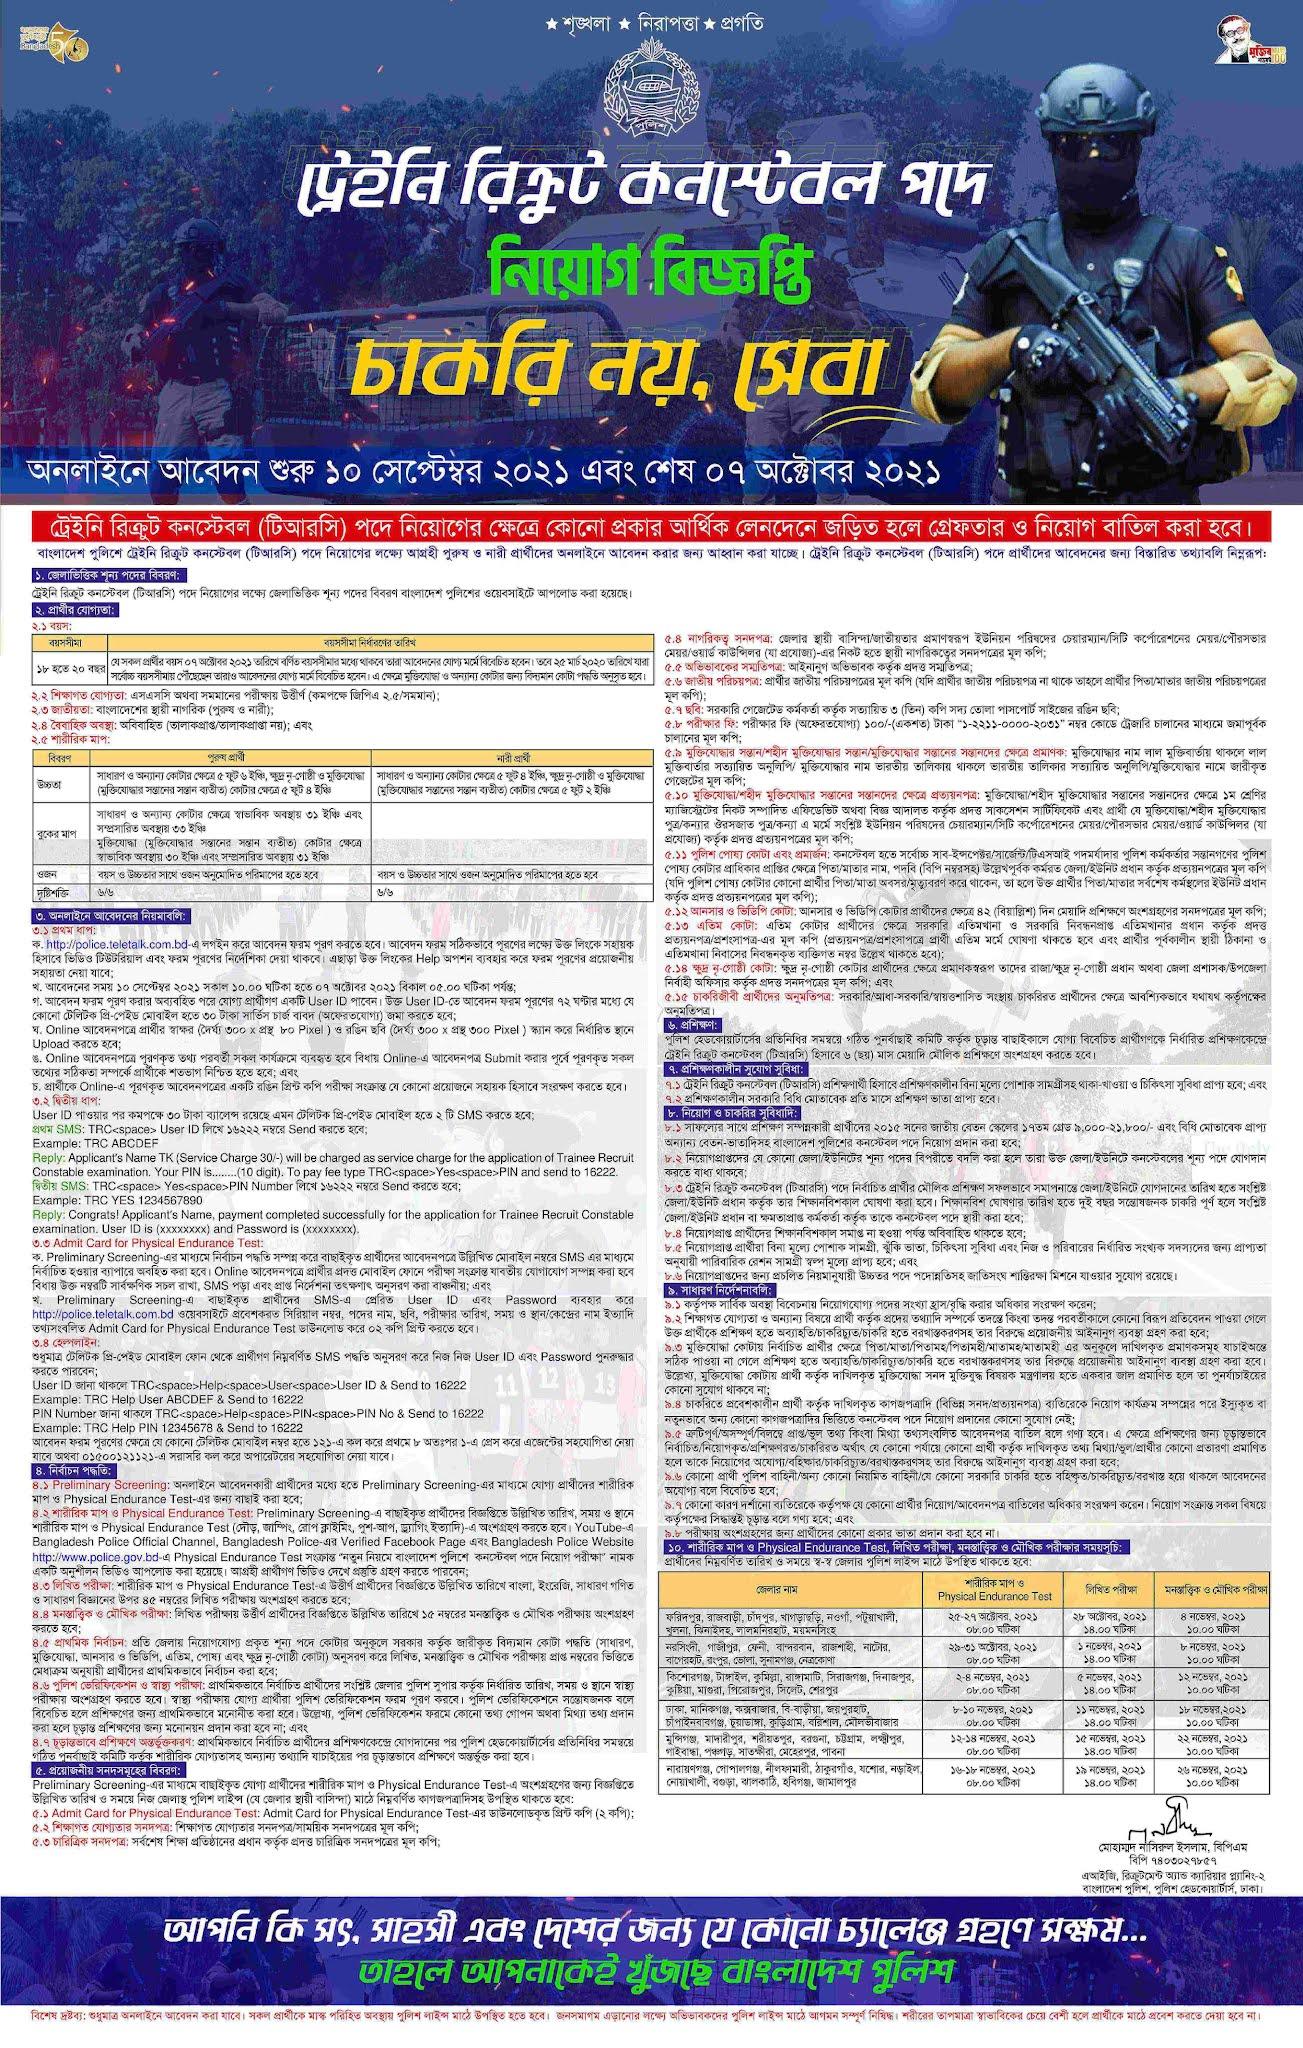 Bangladesh Police Constable Job Circular 2021